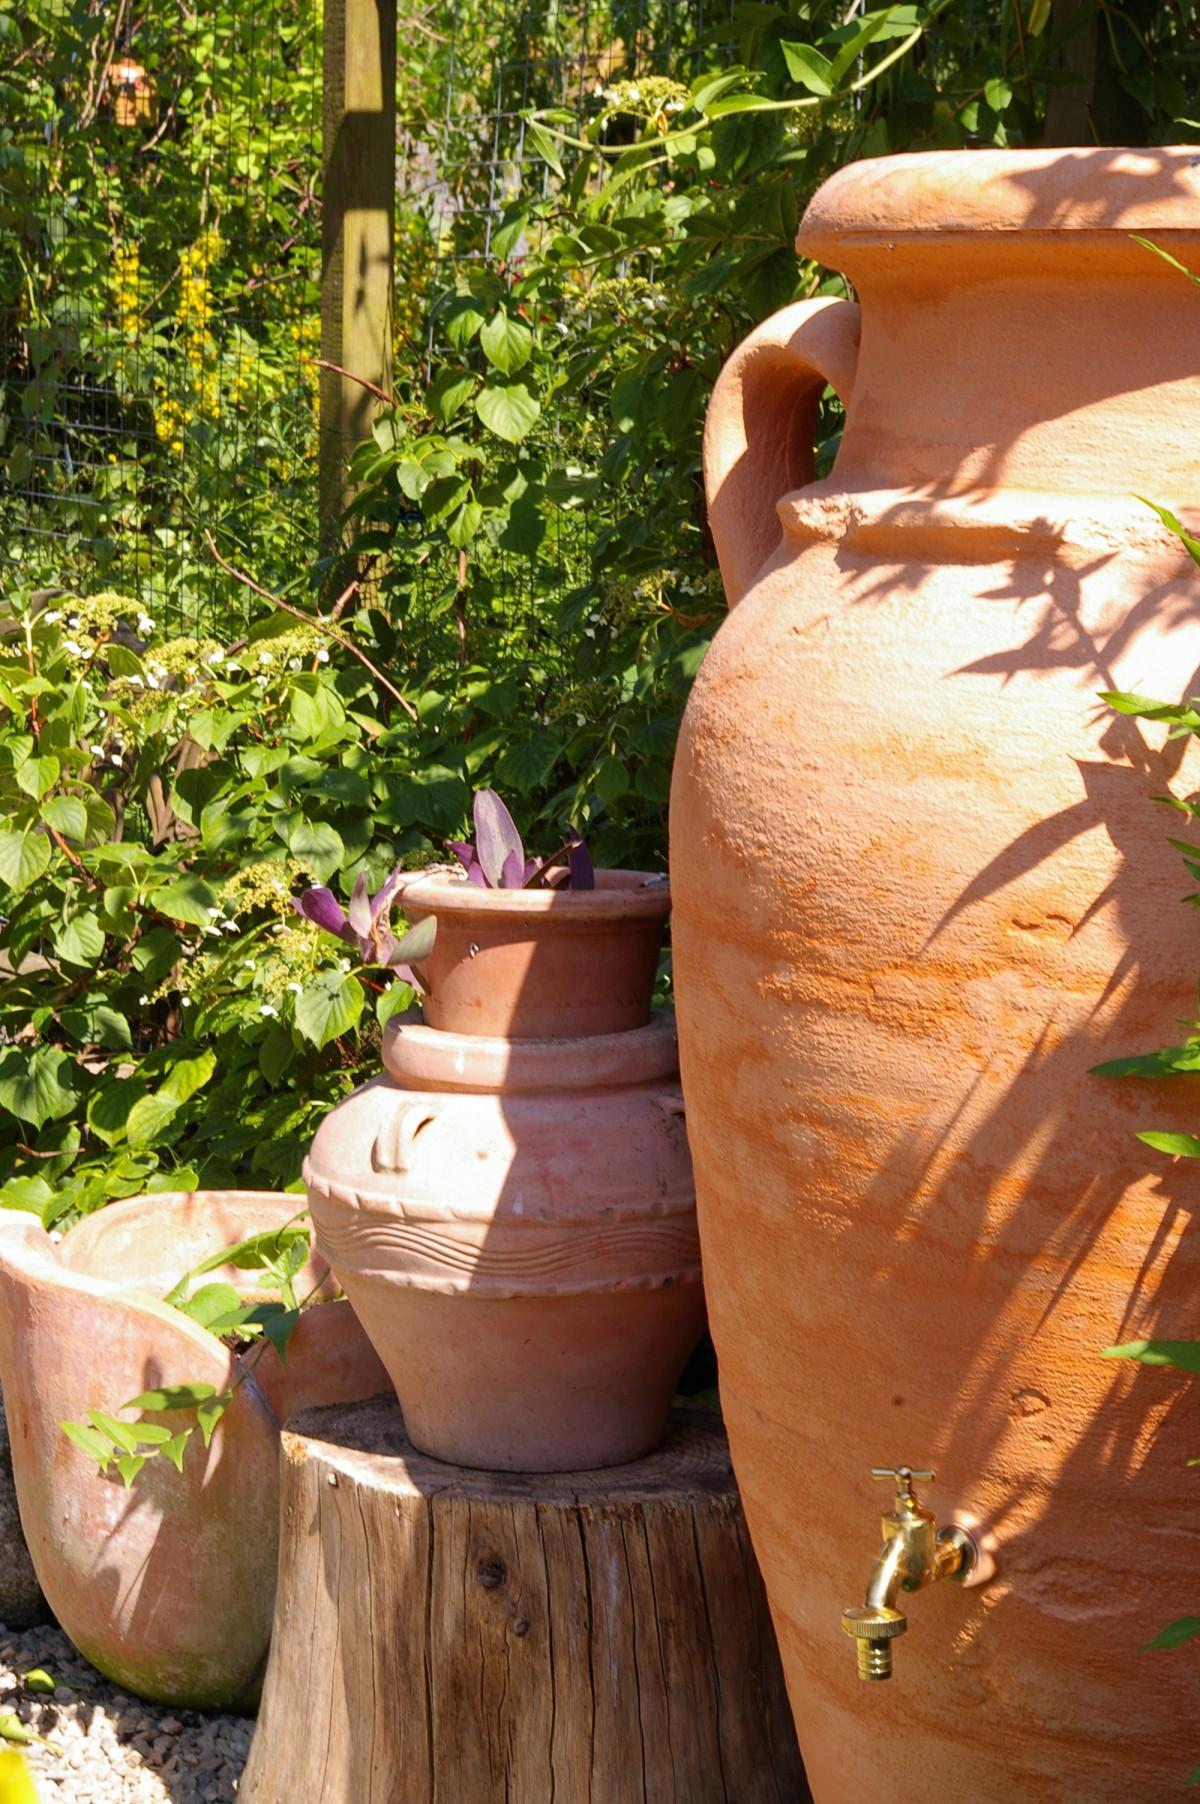 Images Gratuites Fleur D Coration L 39 Automne Jardin Abat Jour D Cor Terre Cuite En Plein